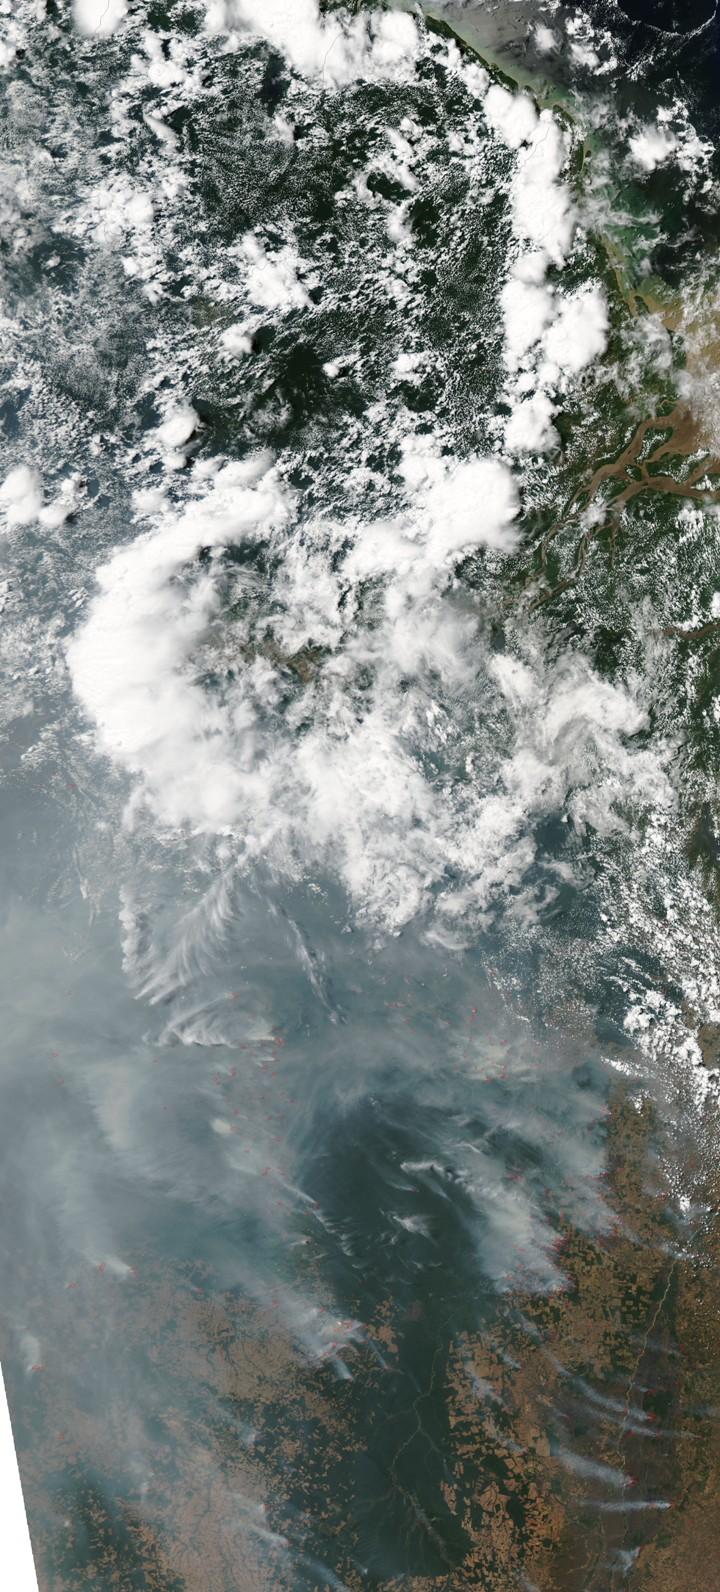 Brasil em chamas! Clique na imagem para ver detalhes em alta resolução. Cortesia da imagem: NASA MODIS Rapid Response Team da NASA GSFC e Riebeek Holli.